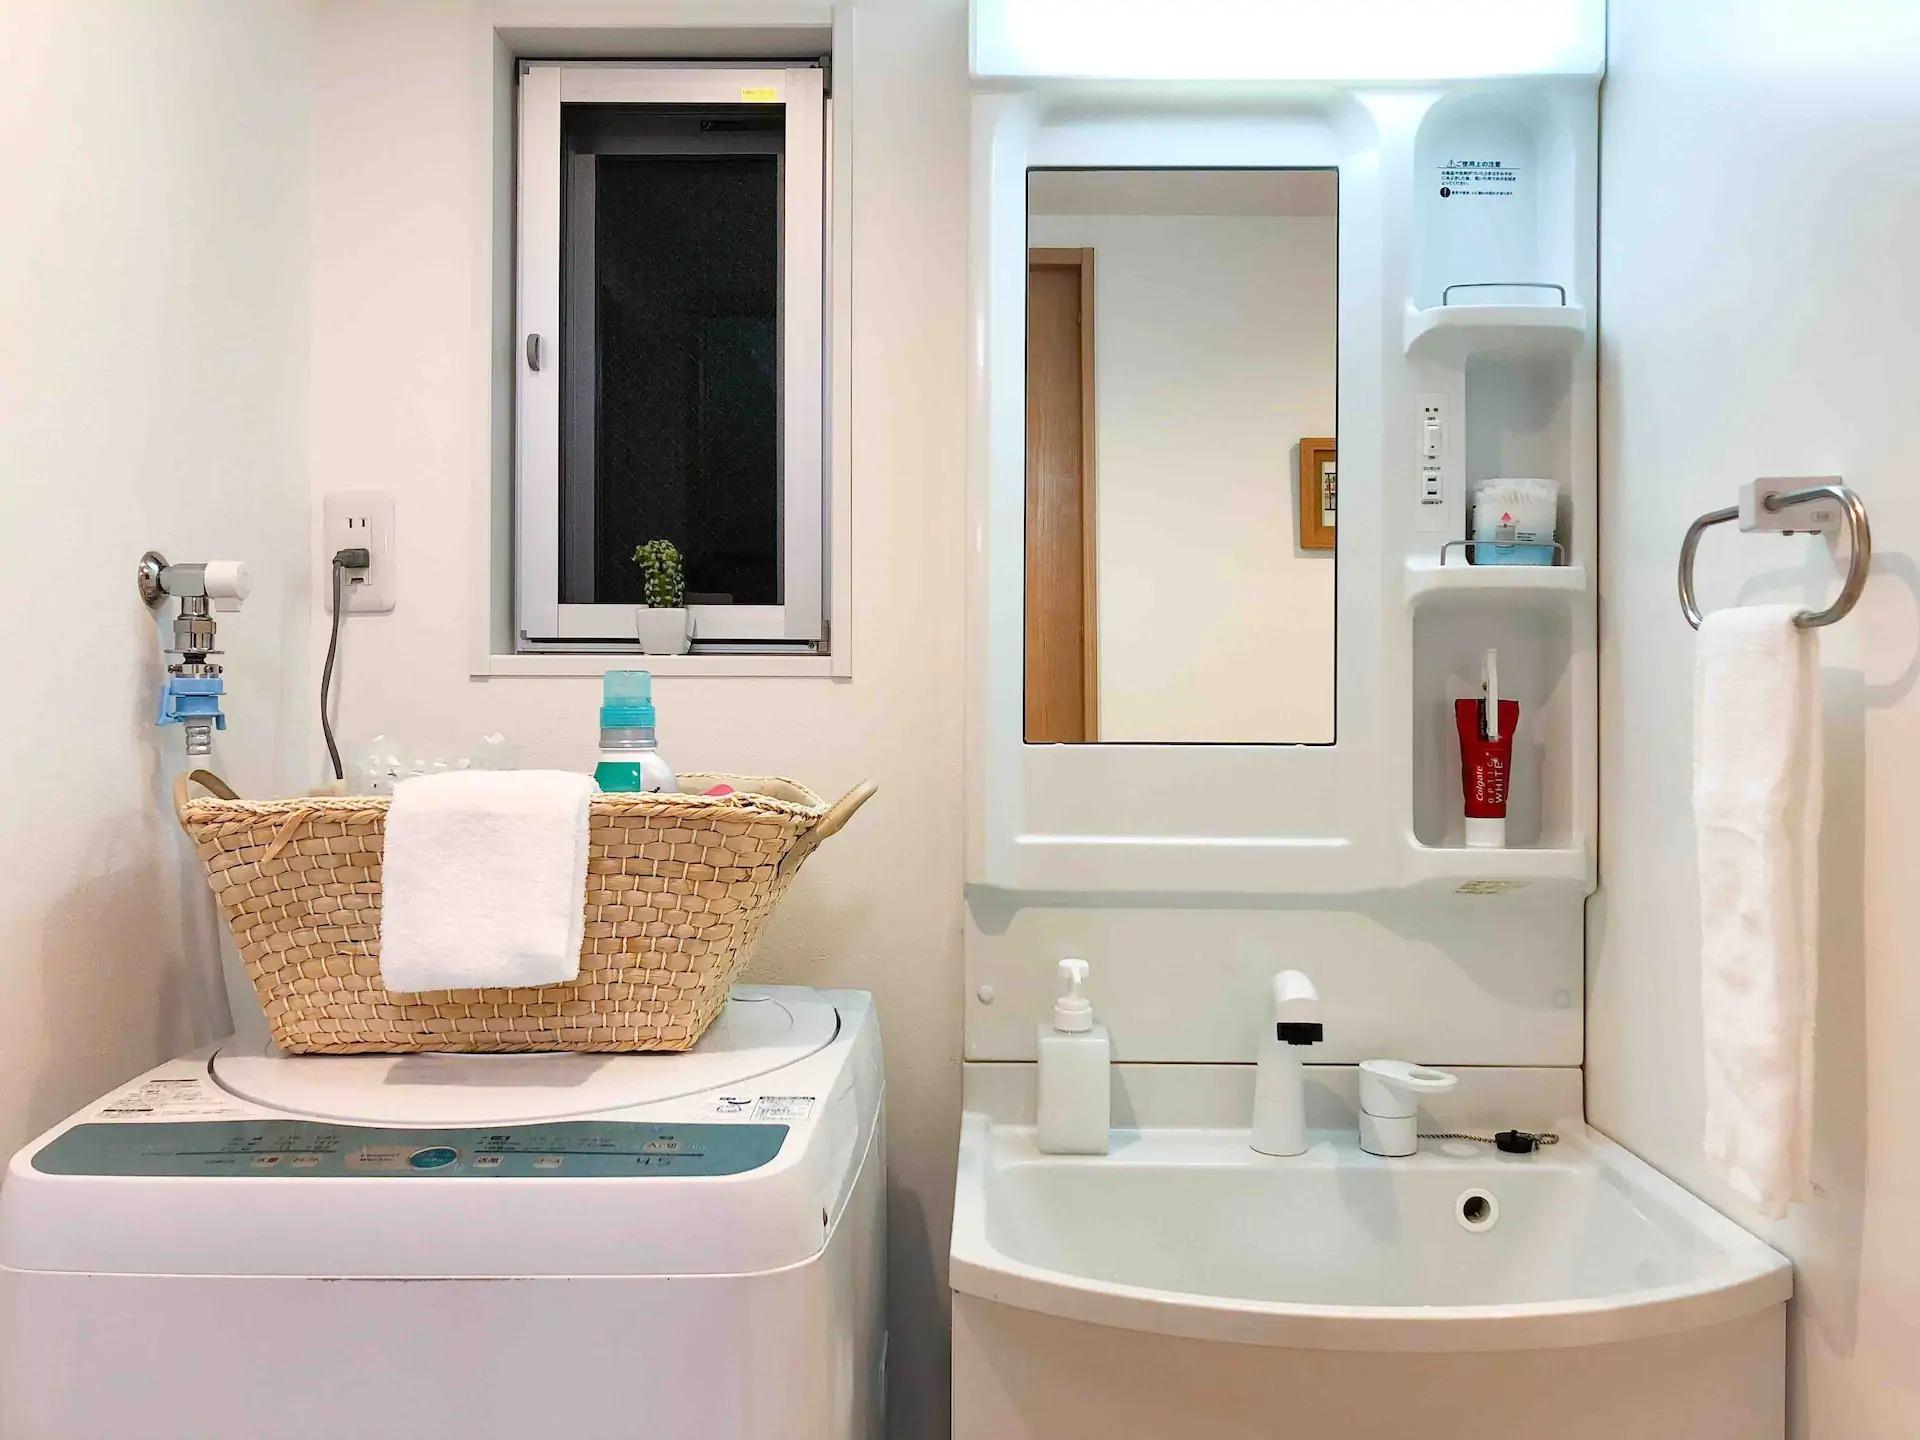 洗濯機/洗面所 Washing machine/washroom